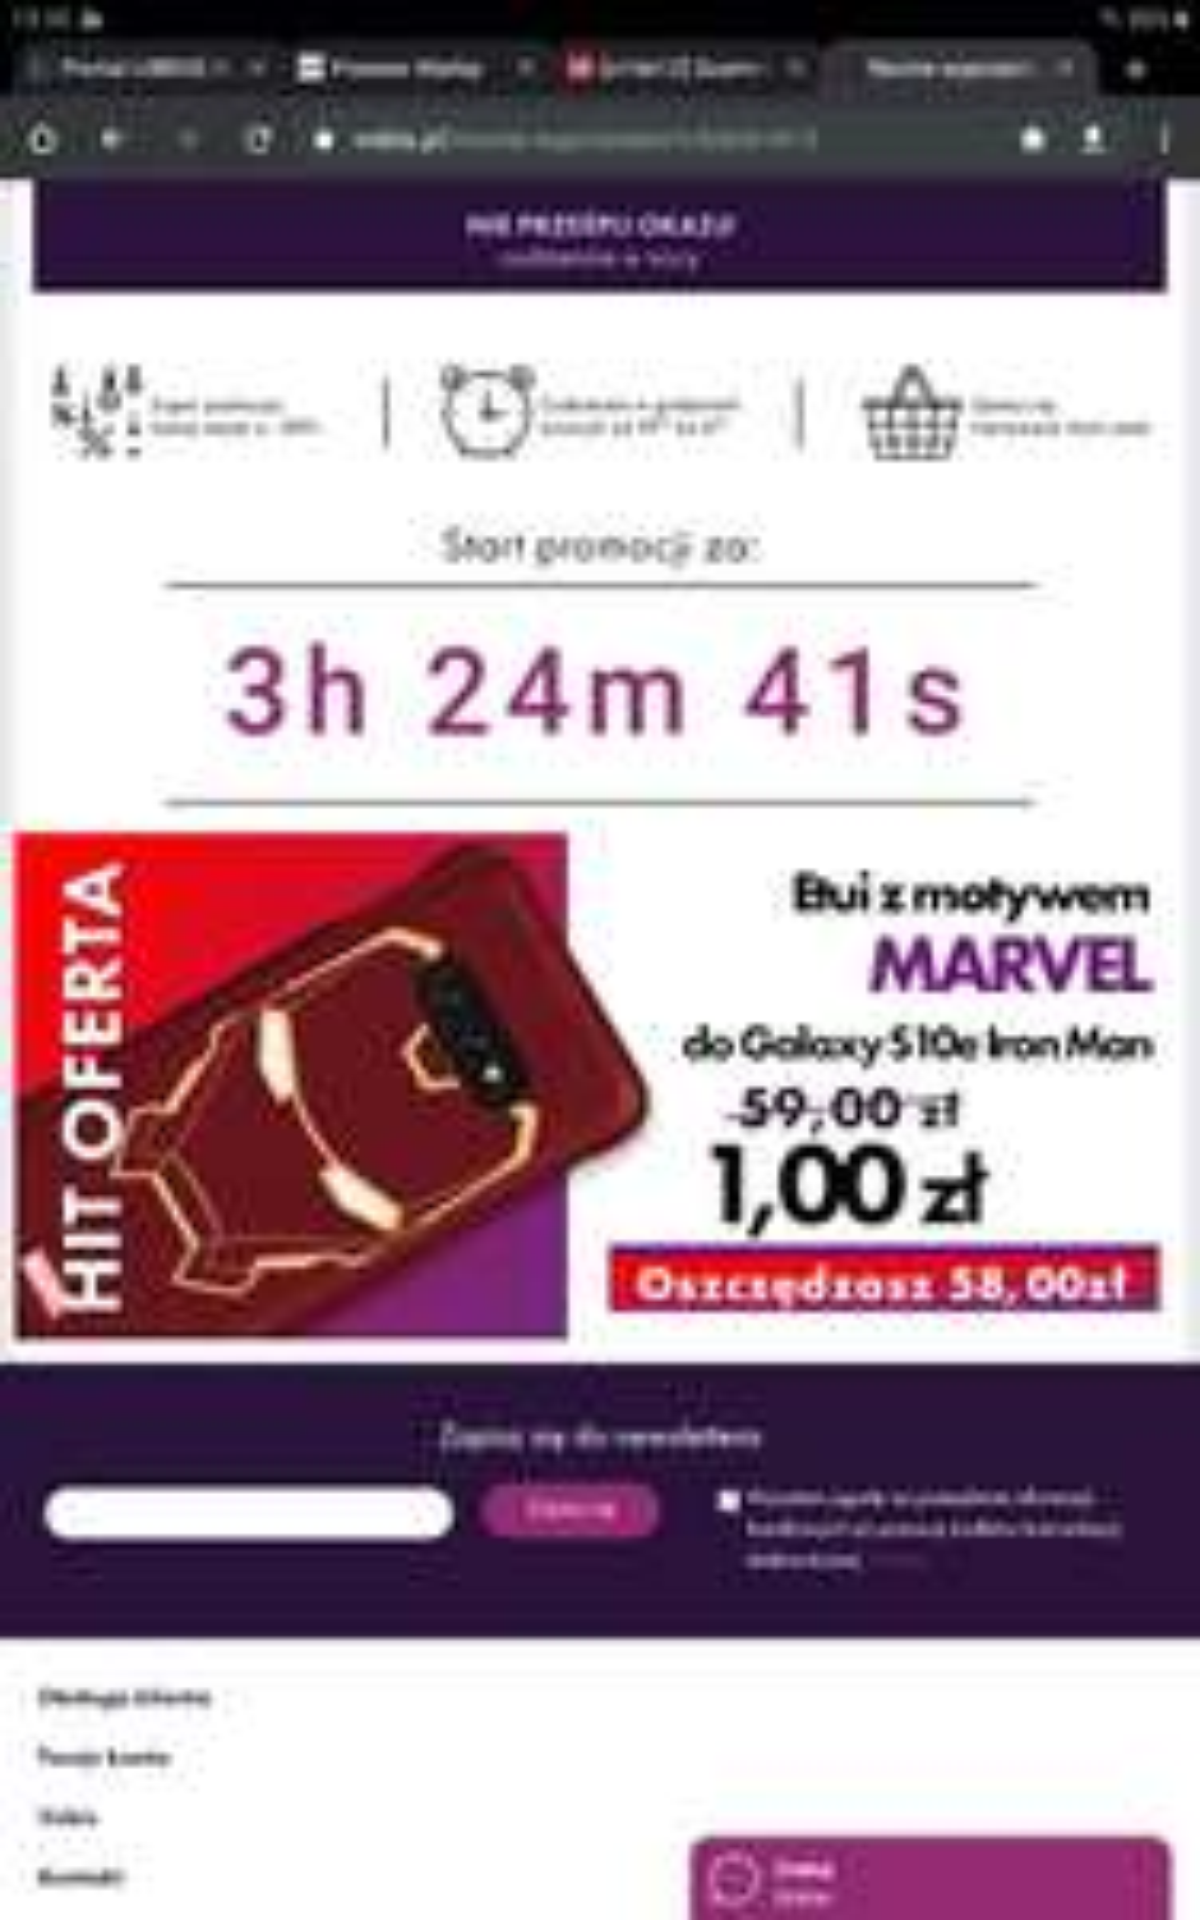 Etui z motywem Marvel do Galaxy S10e Iron Man tylko 1zł! Start godzina 19.00